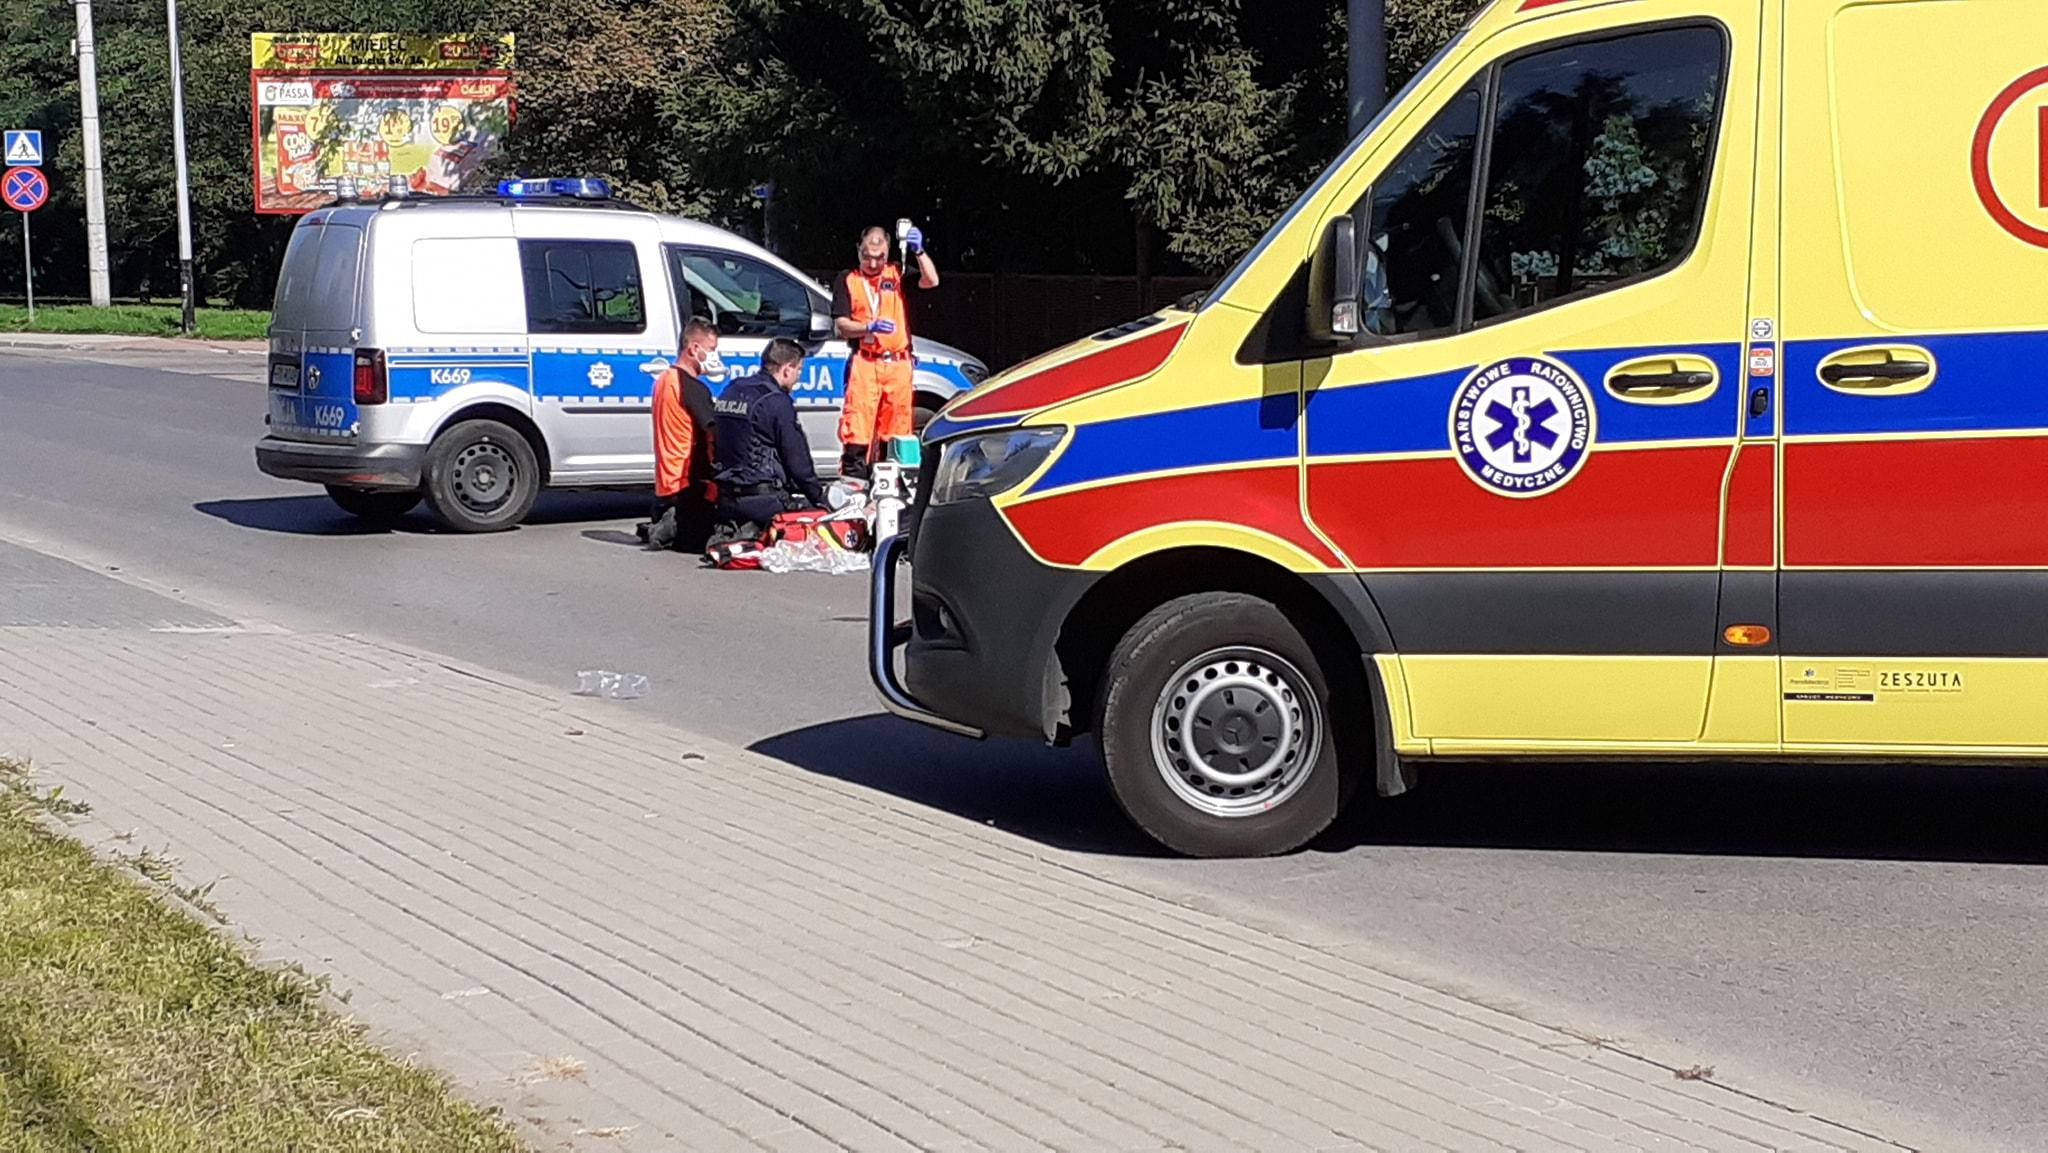 Tragiczny upadek z roweru. 77-letni mężczyzna nie żyje [AKTUALIZACJA] - Zdjęcie główne